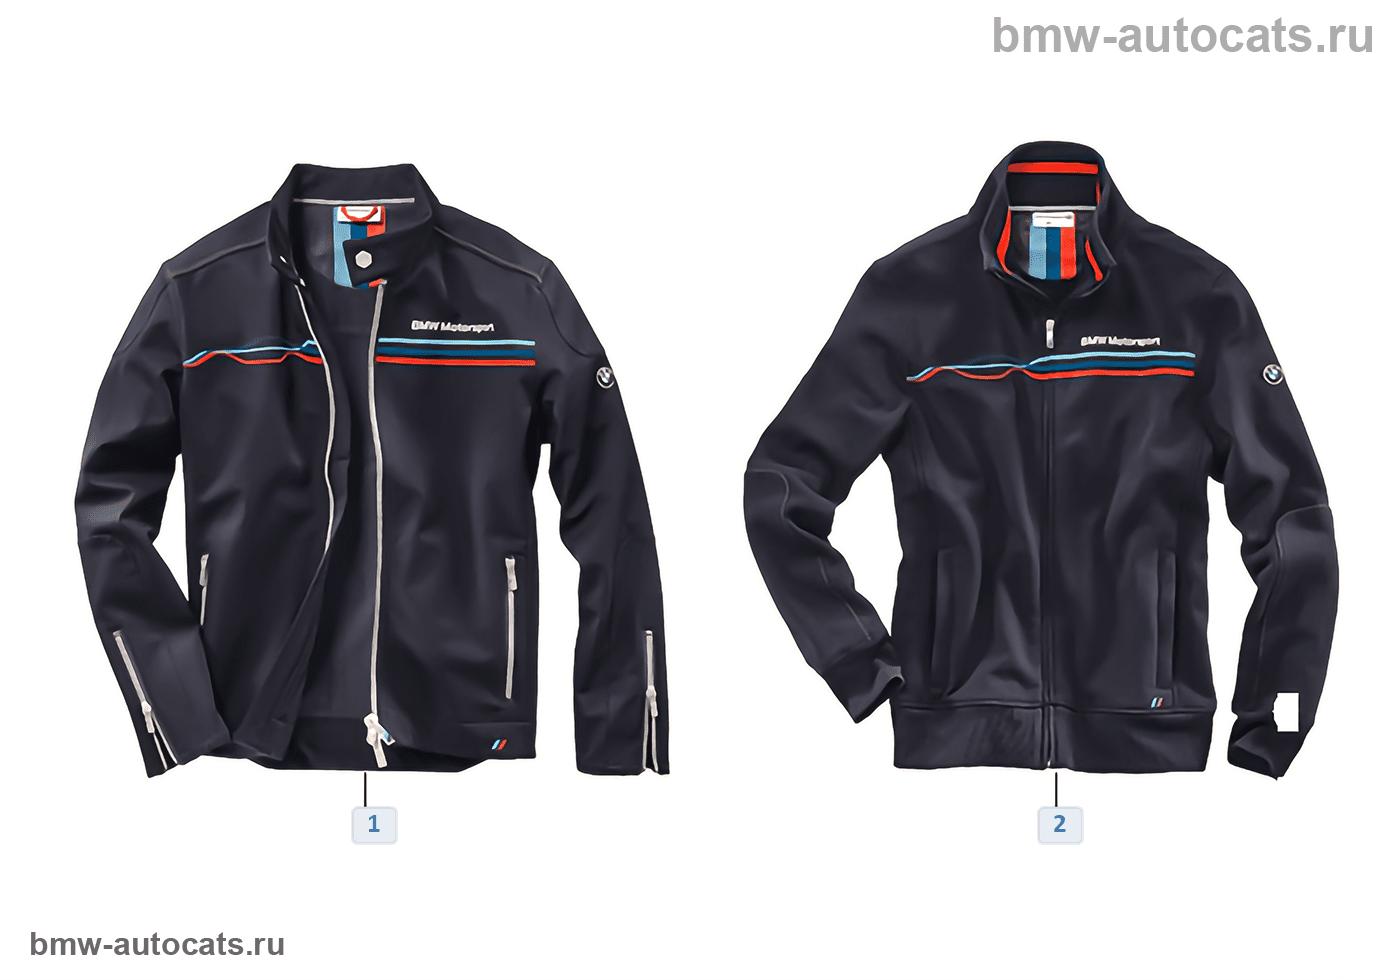 BMW Motorsport — Мужск. куртки 2015/17